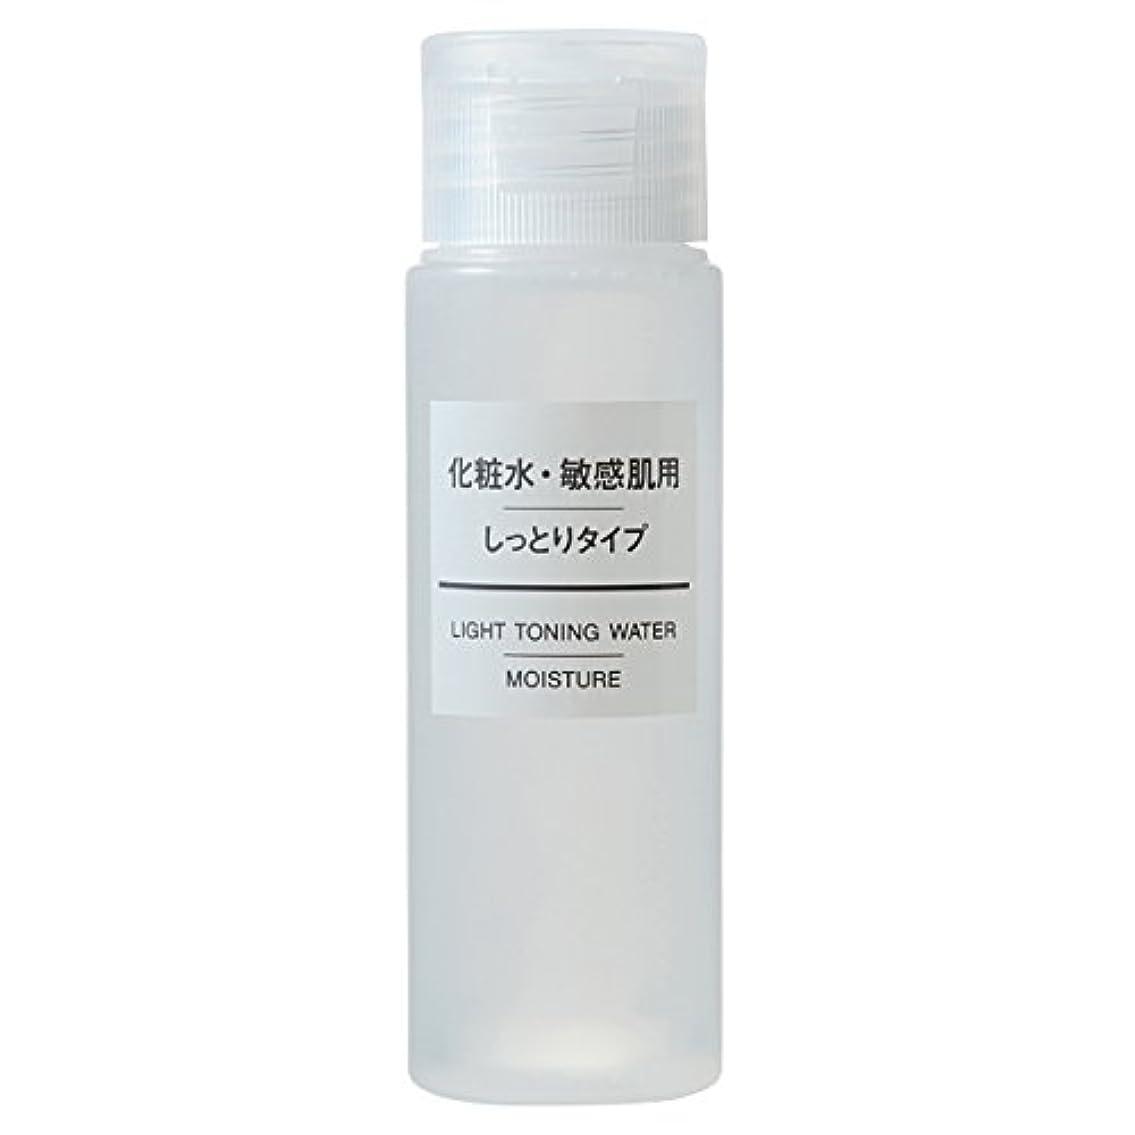 吸収するズームインするハチ無印良品 化粧水?敏感肌用?しっとりタイプ(携帯用) 50ml